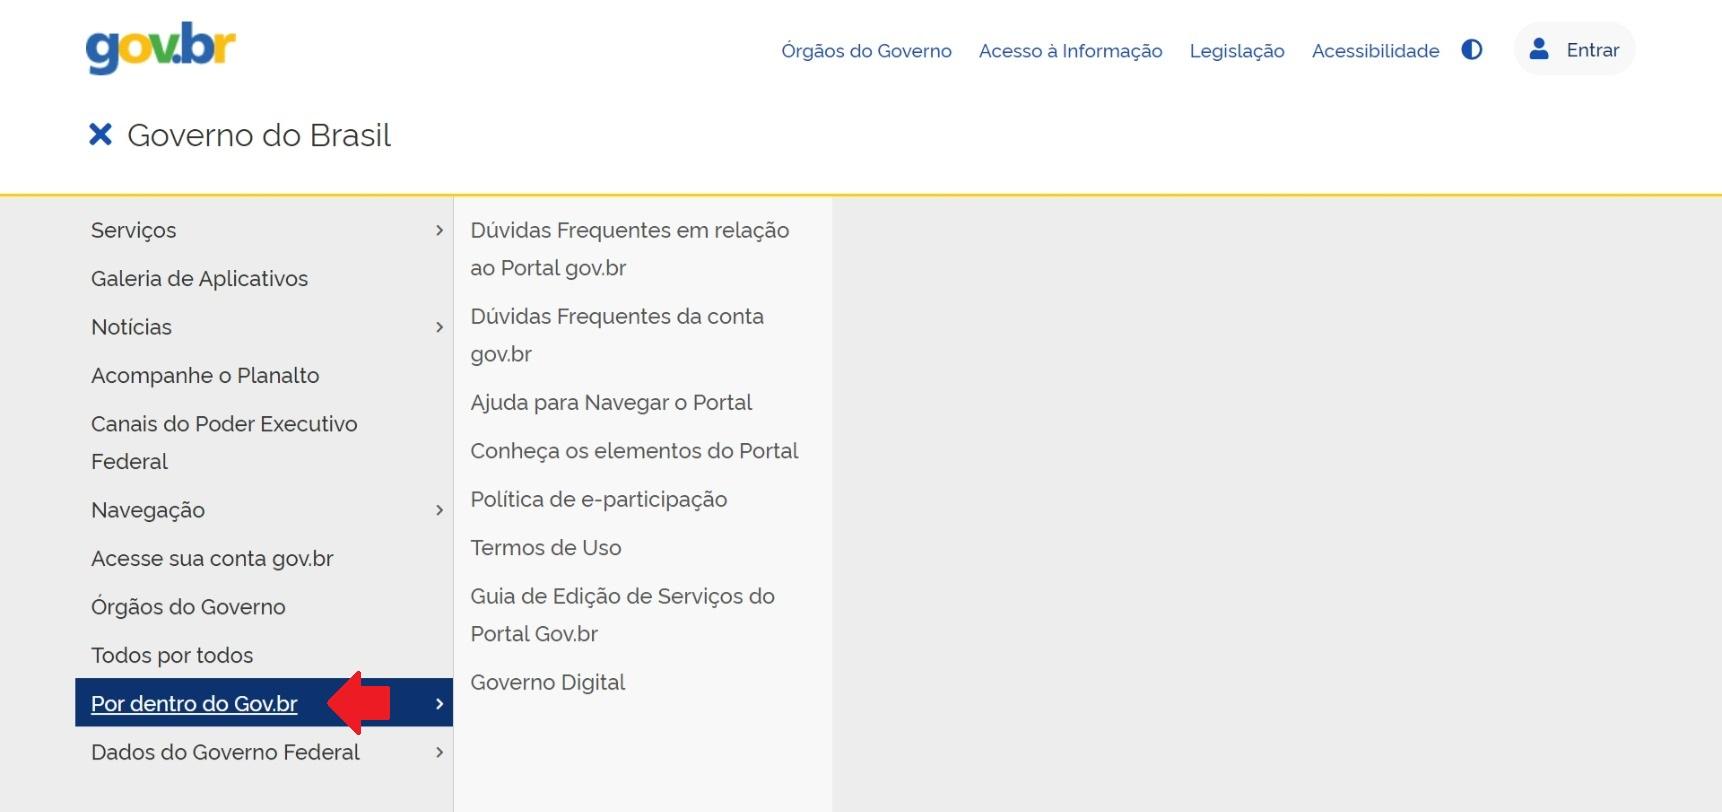 item por dentro do gov.br